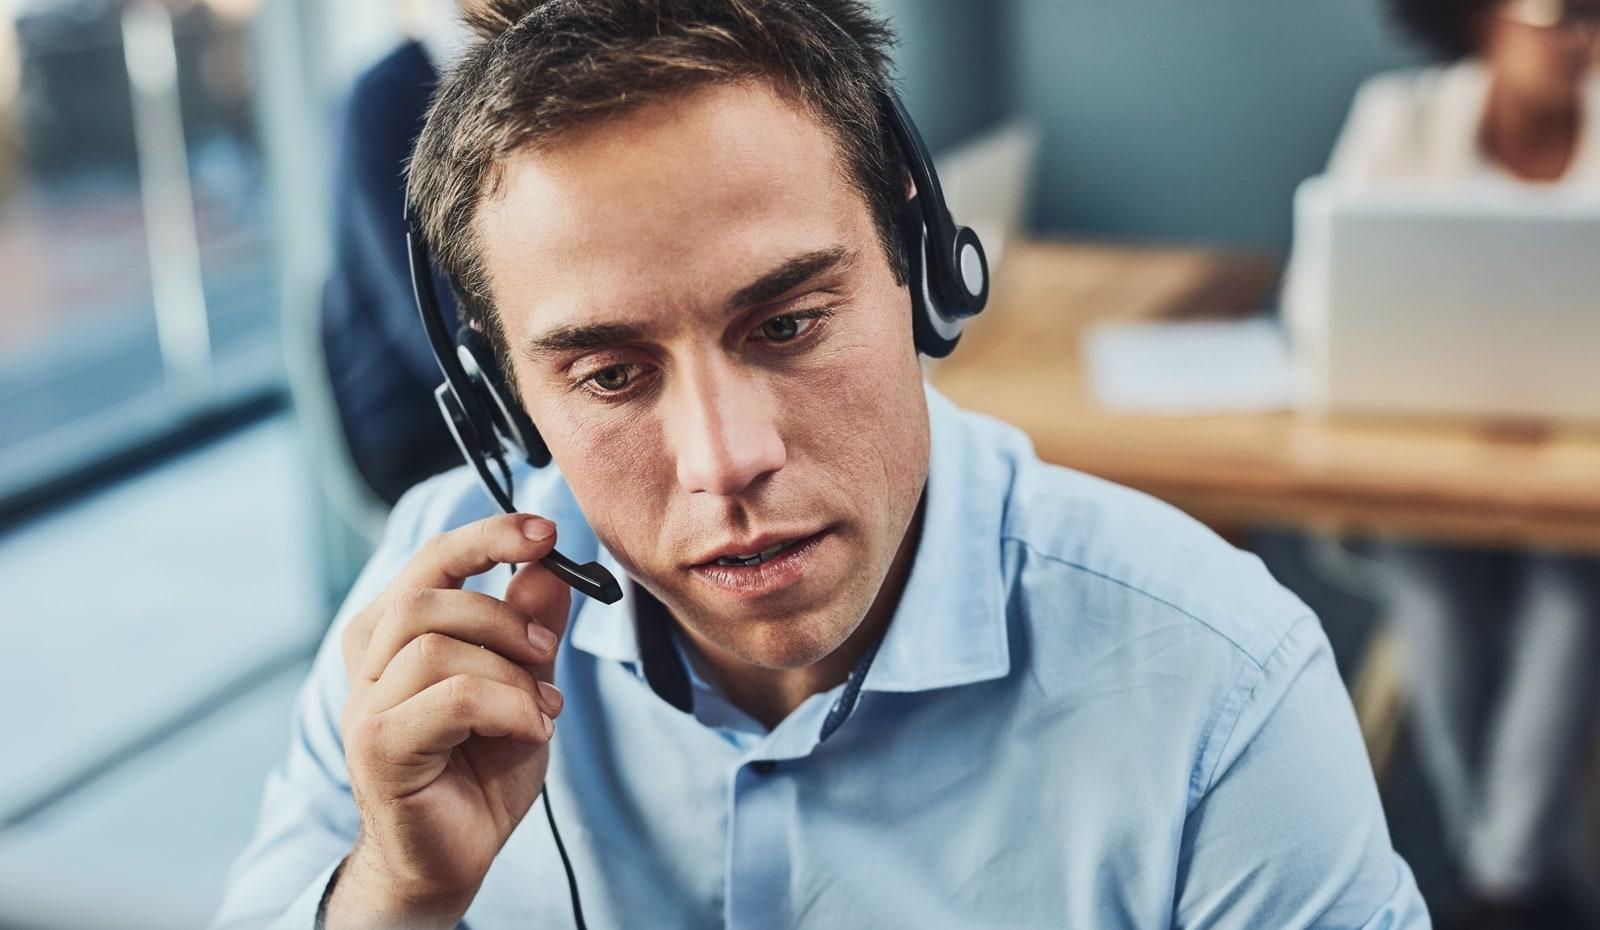 Los 8 problemas de audio VoIP más frecuentes y su solución